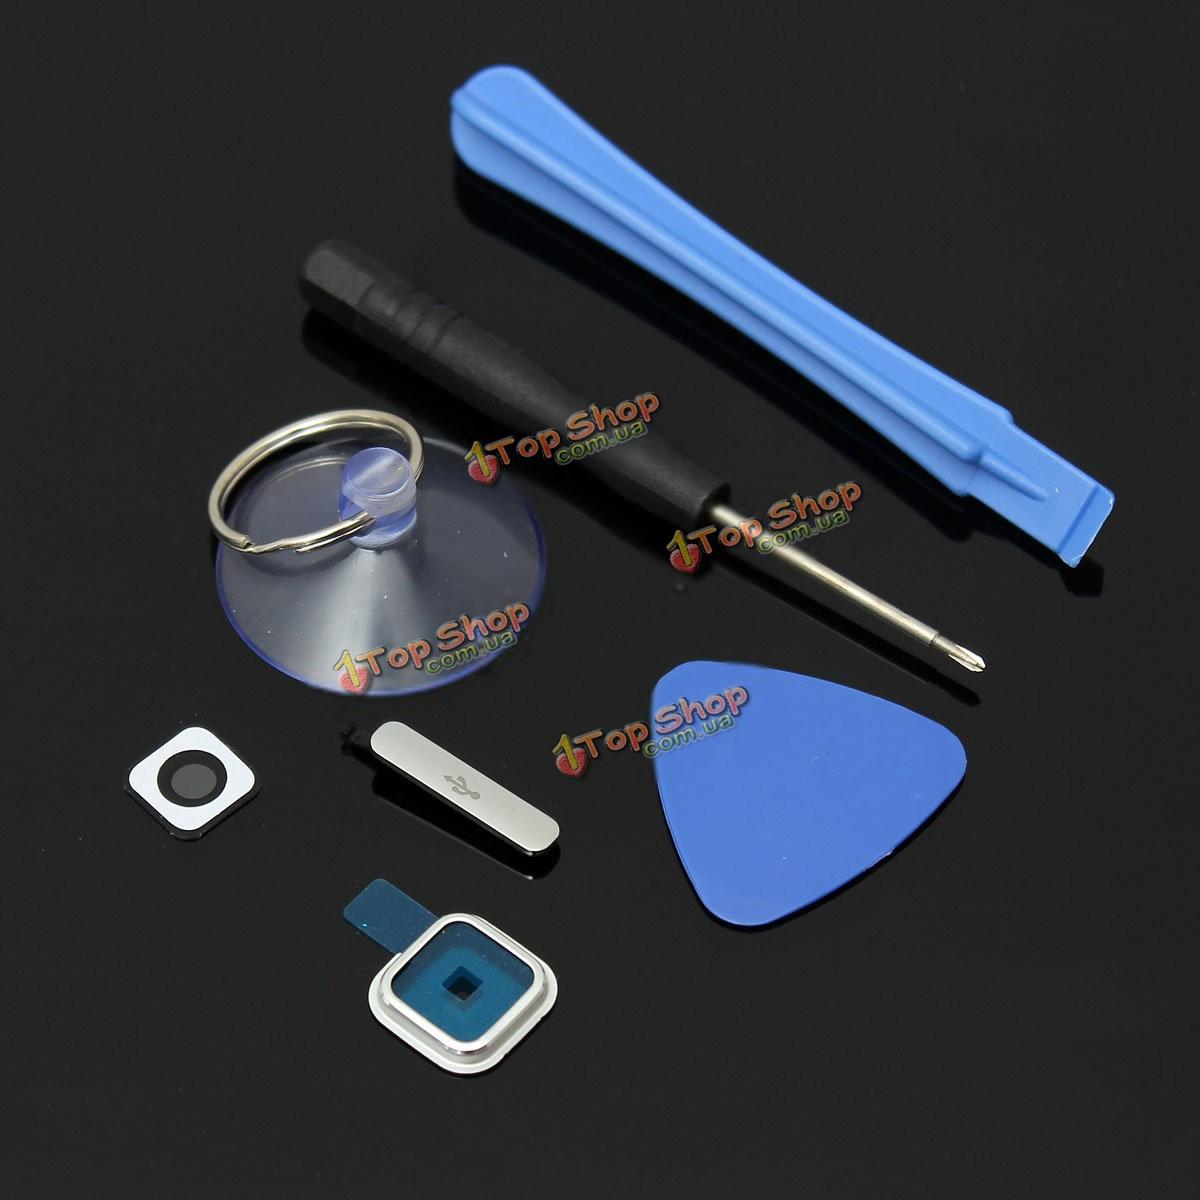 Камера крышка объектива+зарядное устройство порт чехол+инструмент для Samsung Galaxy S5 i9600 G900 ж